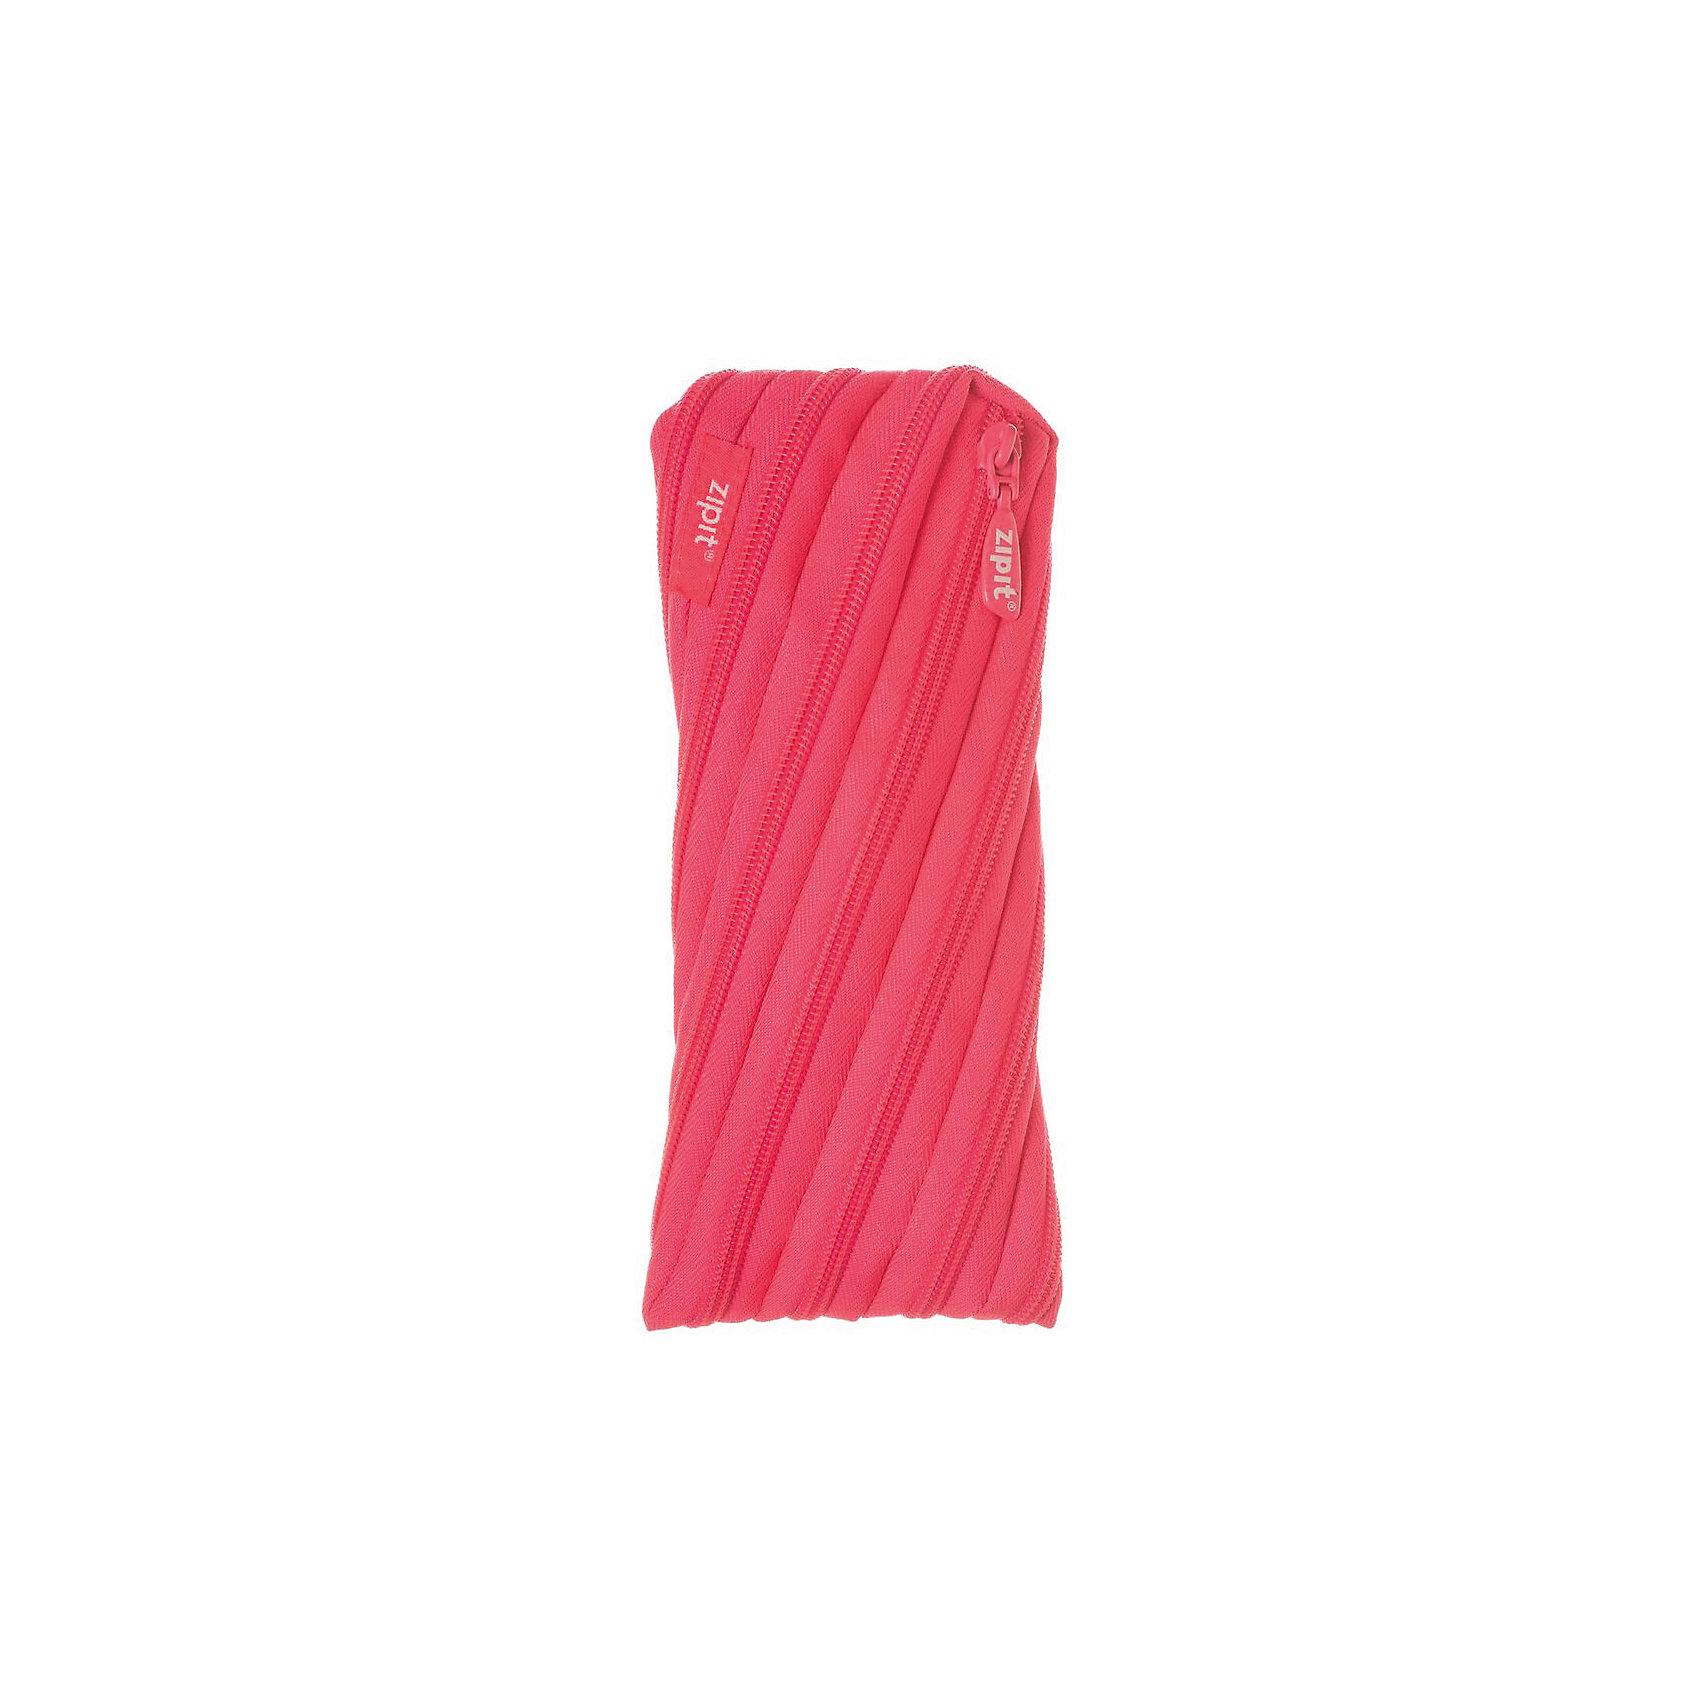 Пенал-сумочка NEON POUCH, цвет розовыйПеналы без наполнения<br>Характеристики товара:<br><br>• цвет: розовый;<br>• возраст: от 3 лет;<br>• вес: 0,1 кг;<br>• размер: 22х2х10 см;<br>• одно отделение на молнии;<br>• изготовлен из длинной молнии;<br>• молнию можно полностью расстегнуть;<br>• необычный дизайн; <br>• материал: полиэстер;<br>• страна бренда: США;<br>• страна изготовитель: Китай.<br><br>Zipit пенал-сумочка «Neon Pouch» - удобен для разных мелочей и для пишущих принадлежностей. Изготовлен из 1 длинной молнии. <br><br>Пенал-сумочка «Neon Pouch» можно купить в нашем интернет-магазине.<br><br>Ширина мм: 220<br>Глубина мм: 20<br>Высота мм: 100<br>Вес г: 100<br>Возраст от месяцев: 36<br>Возраст до месяцев: 720<br>Пол: Унисекс<br>Возраст: Детский<br>SKU: 7054169